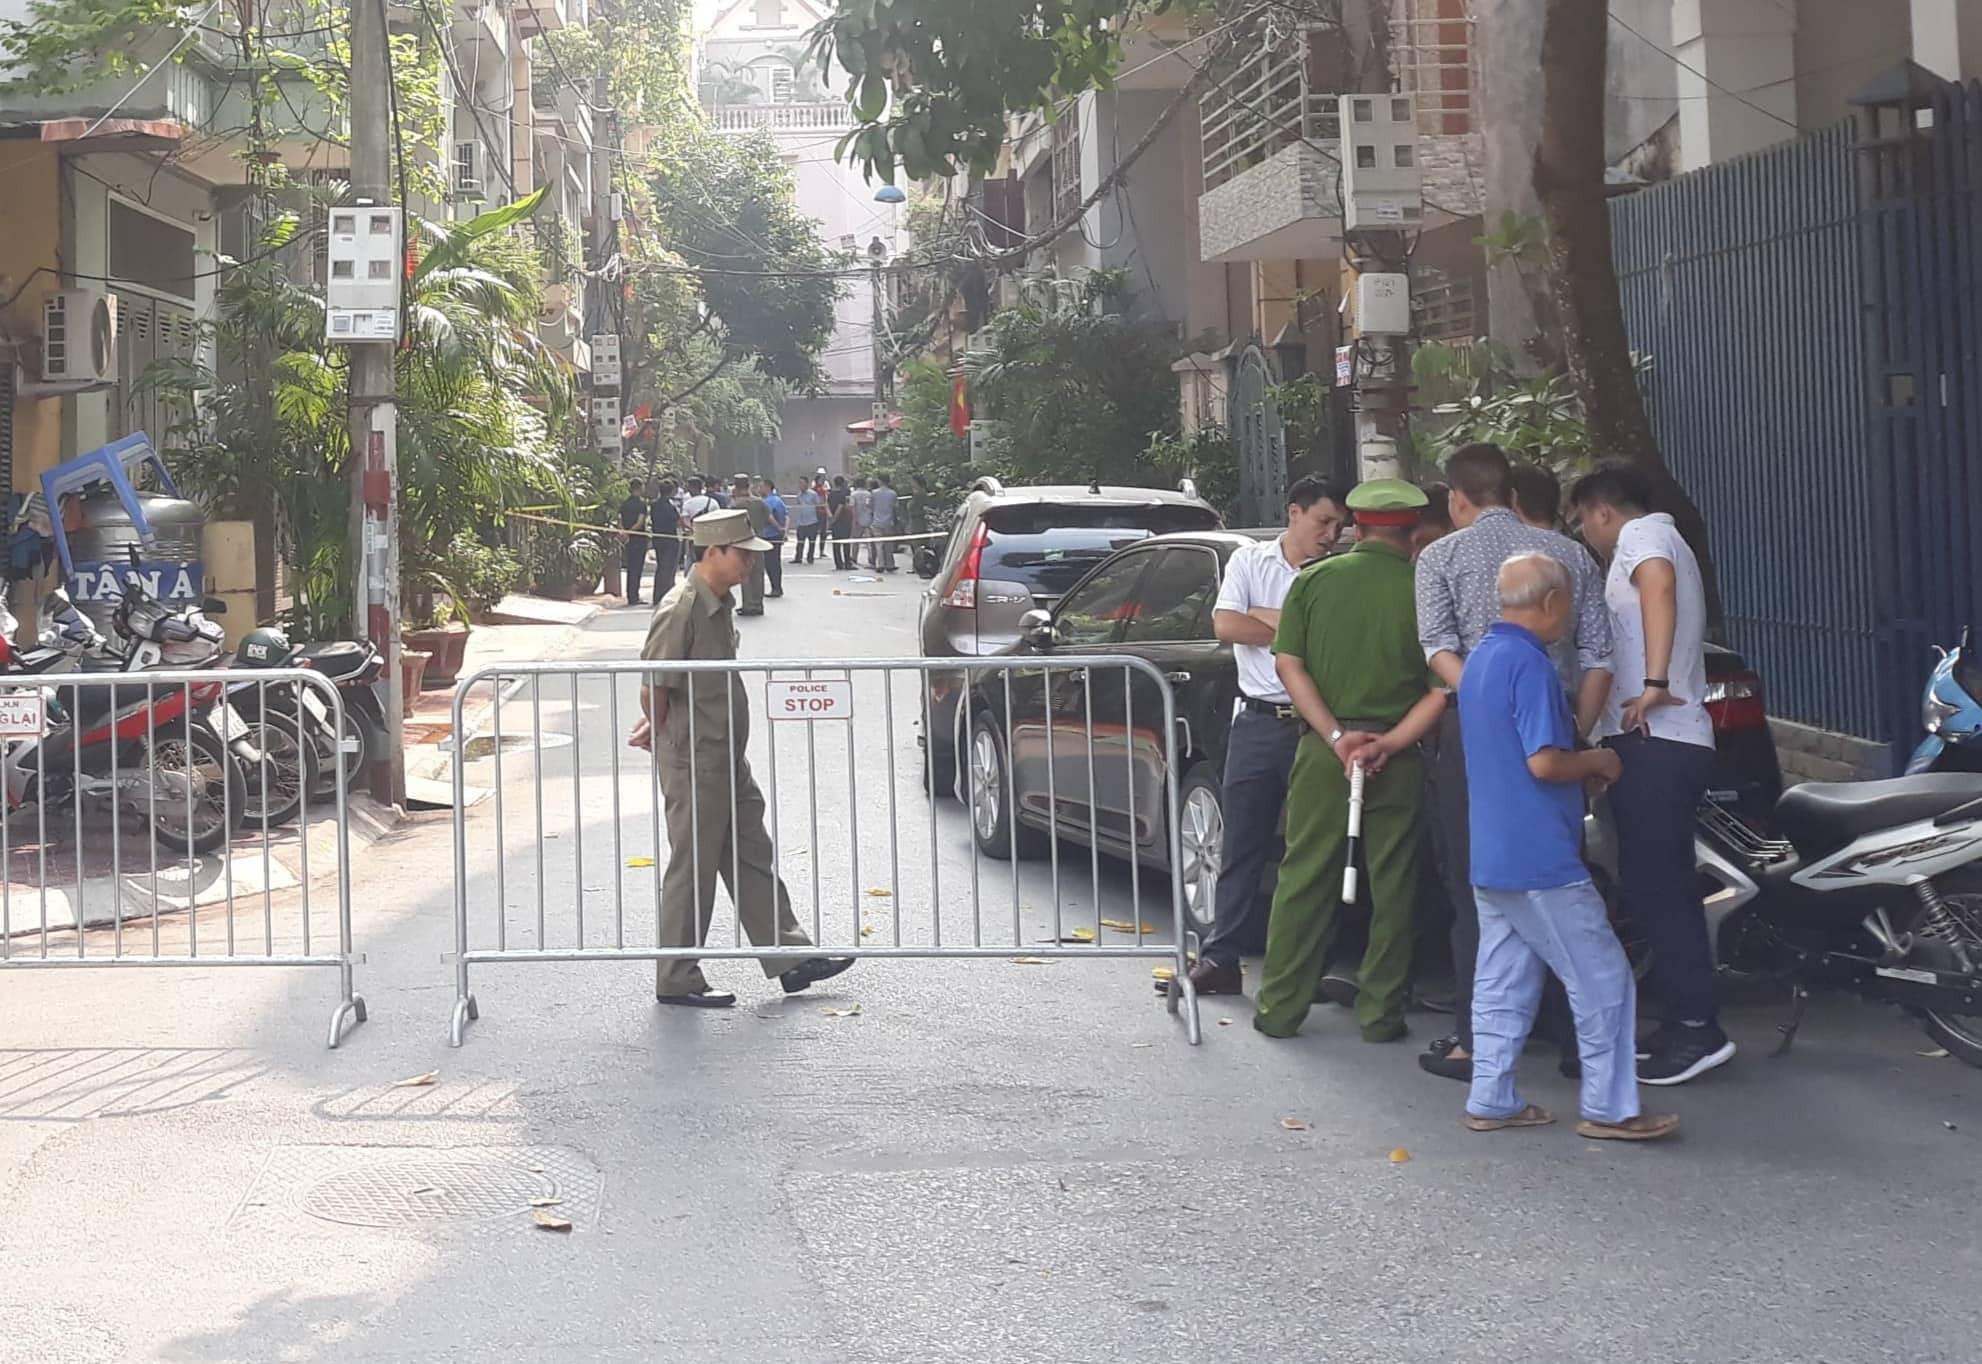 Vụ nam thanh niên sát hại 2 nữ sinh rồi nhảy lầu tự tử: Nhiều người dọn nhà đi vì không dám ở qua đêm-3